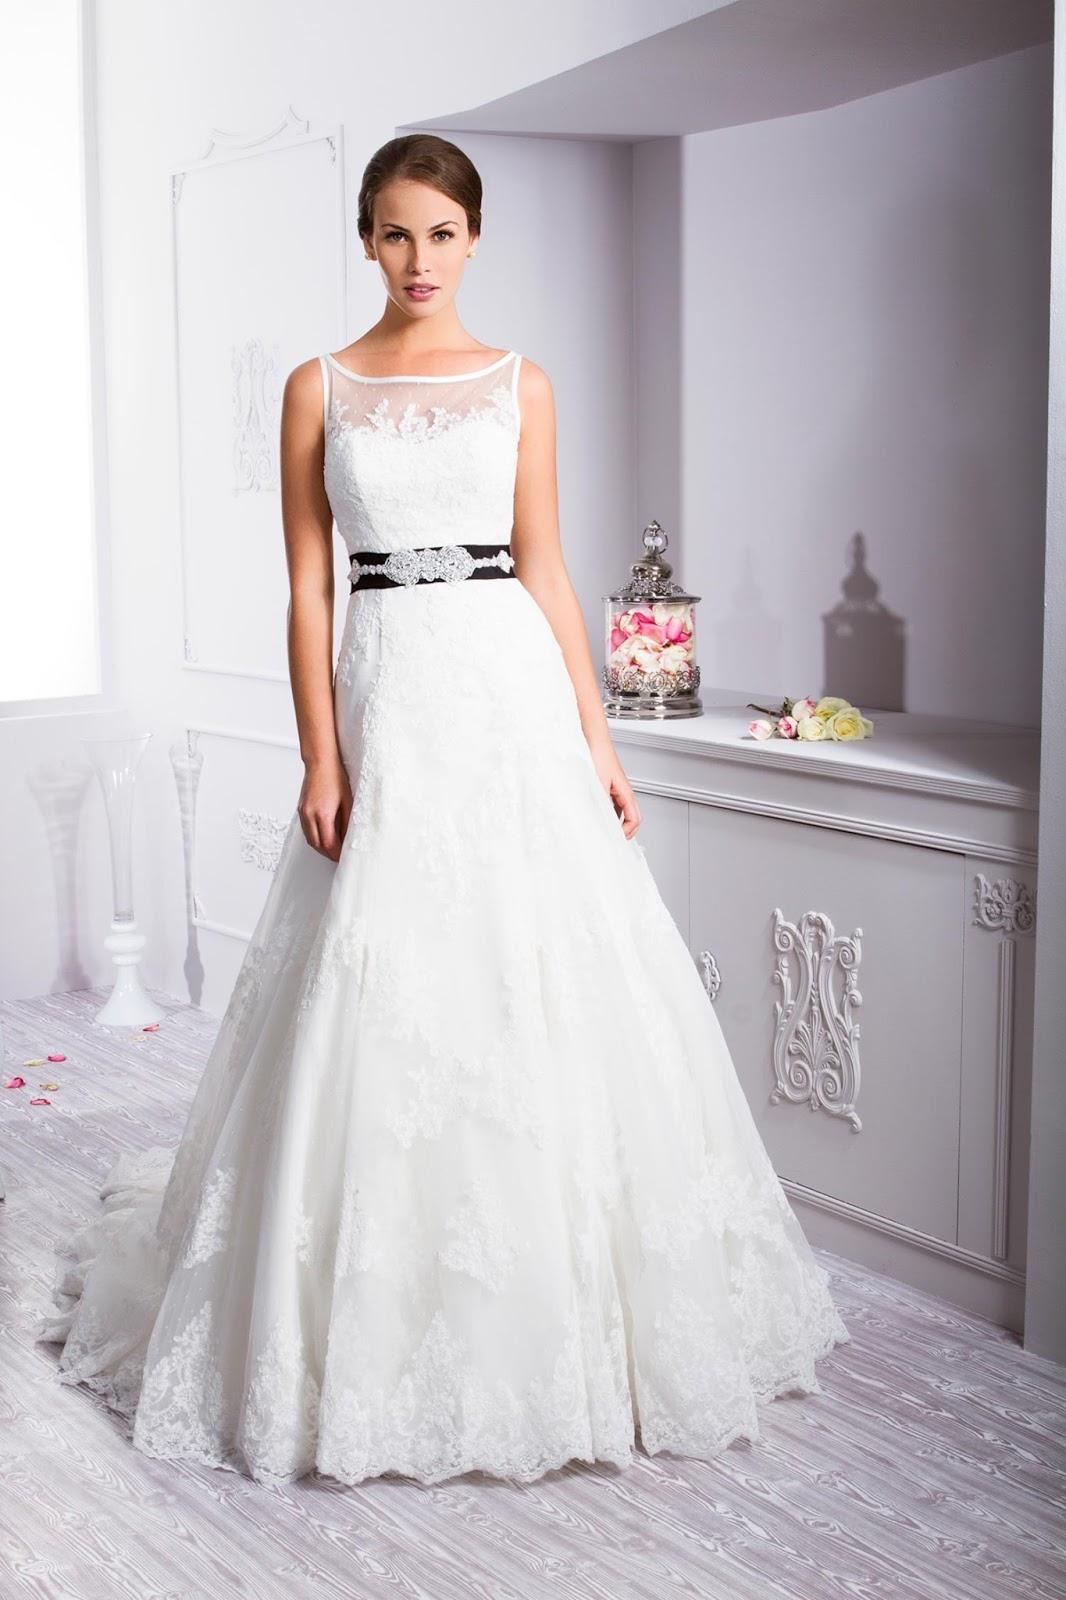 Fotos de vestidos de novia sencillos - Fotos boda civil ...